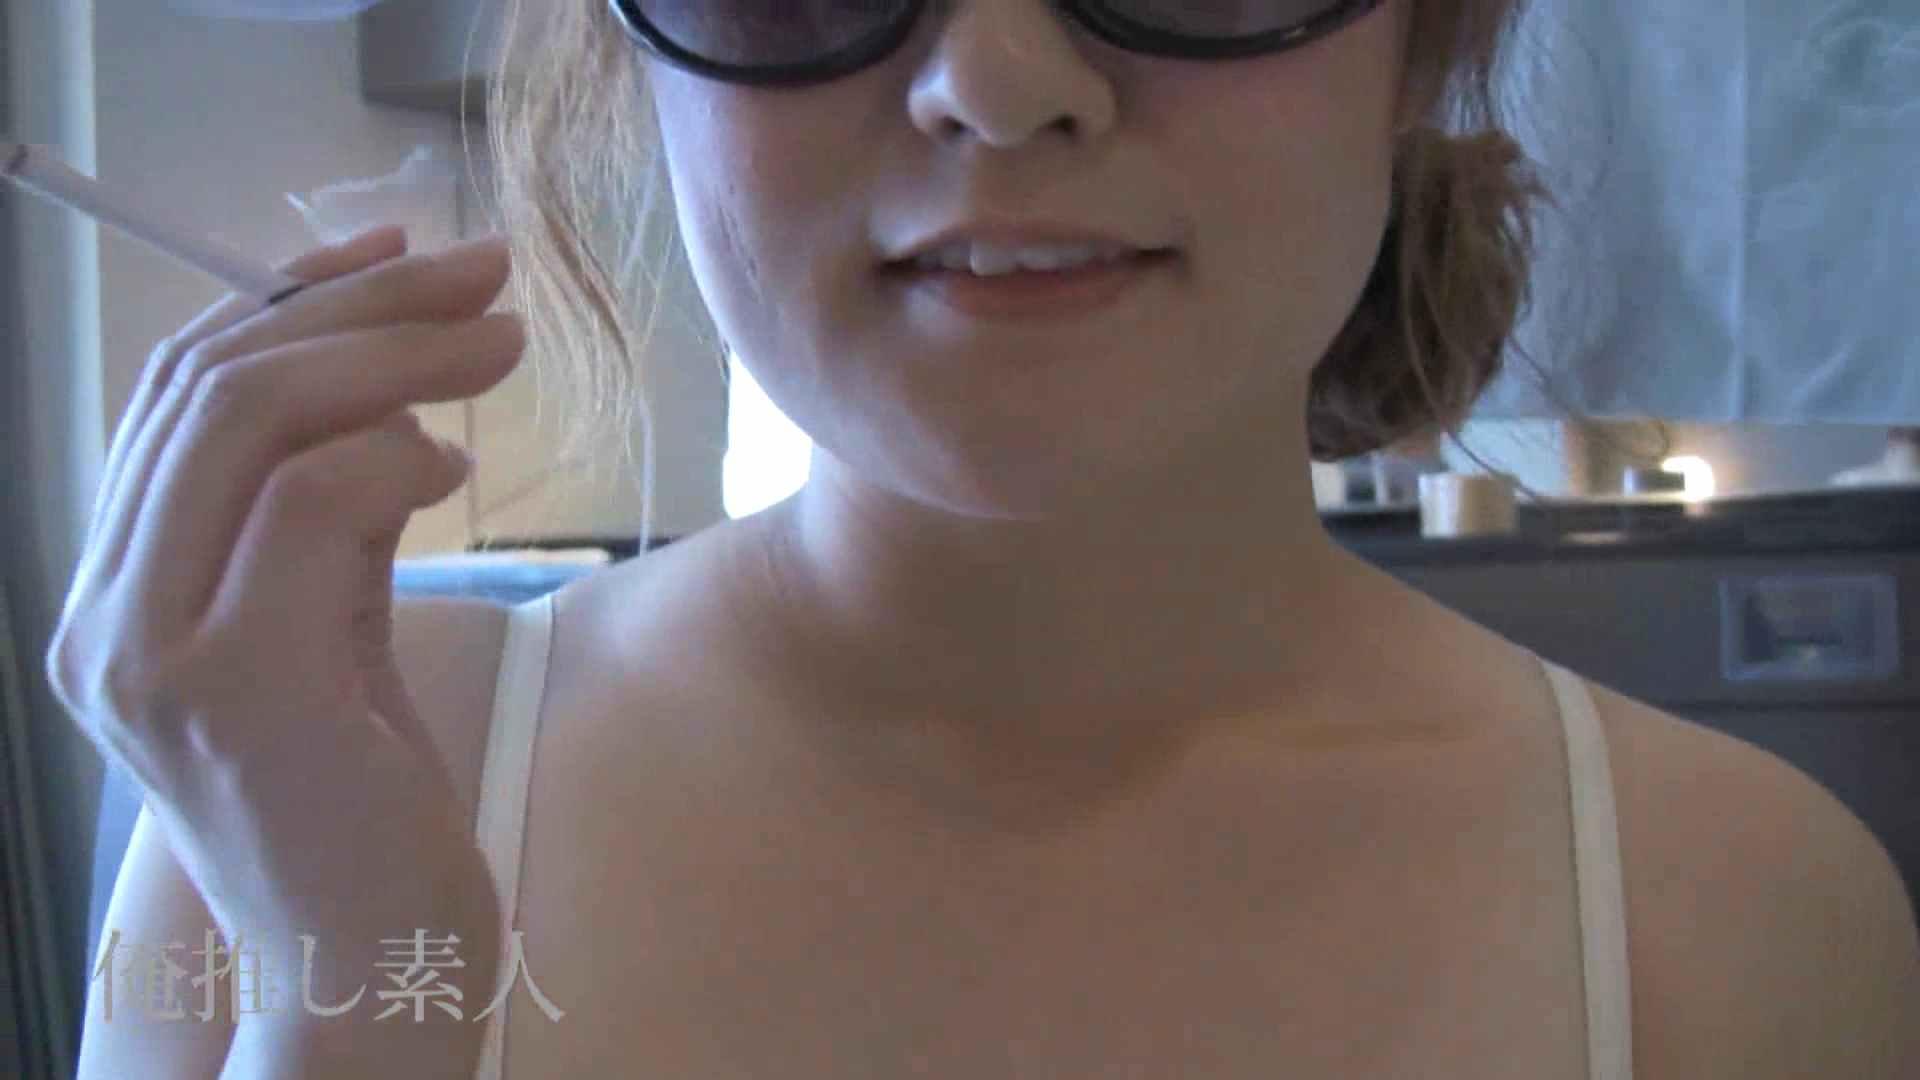 俺推し素人 キャバクラ嬢26歳久美vol5 OL  76pic 18